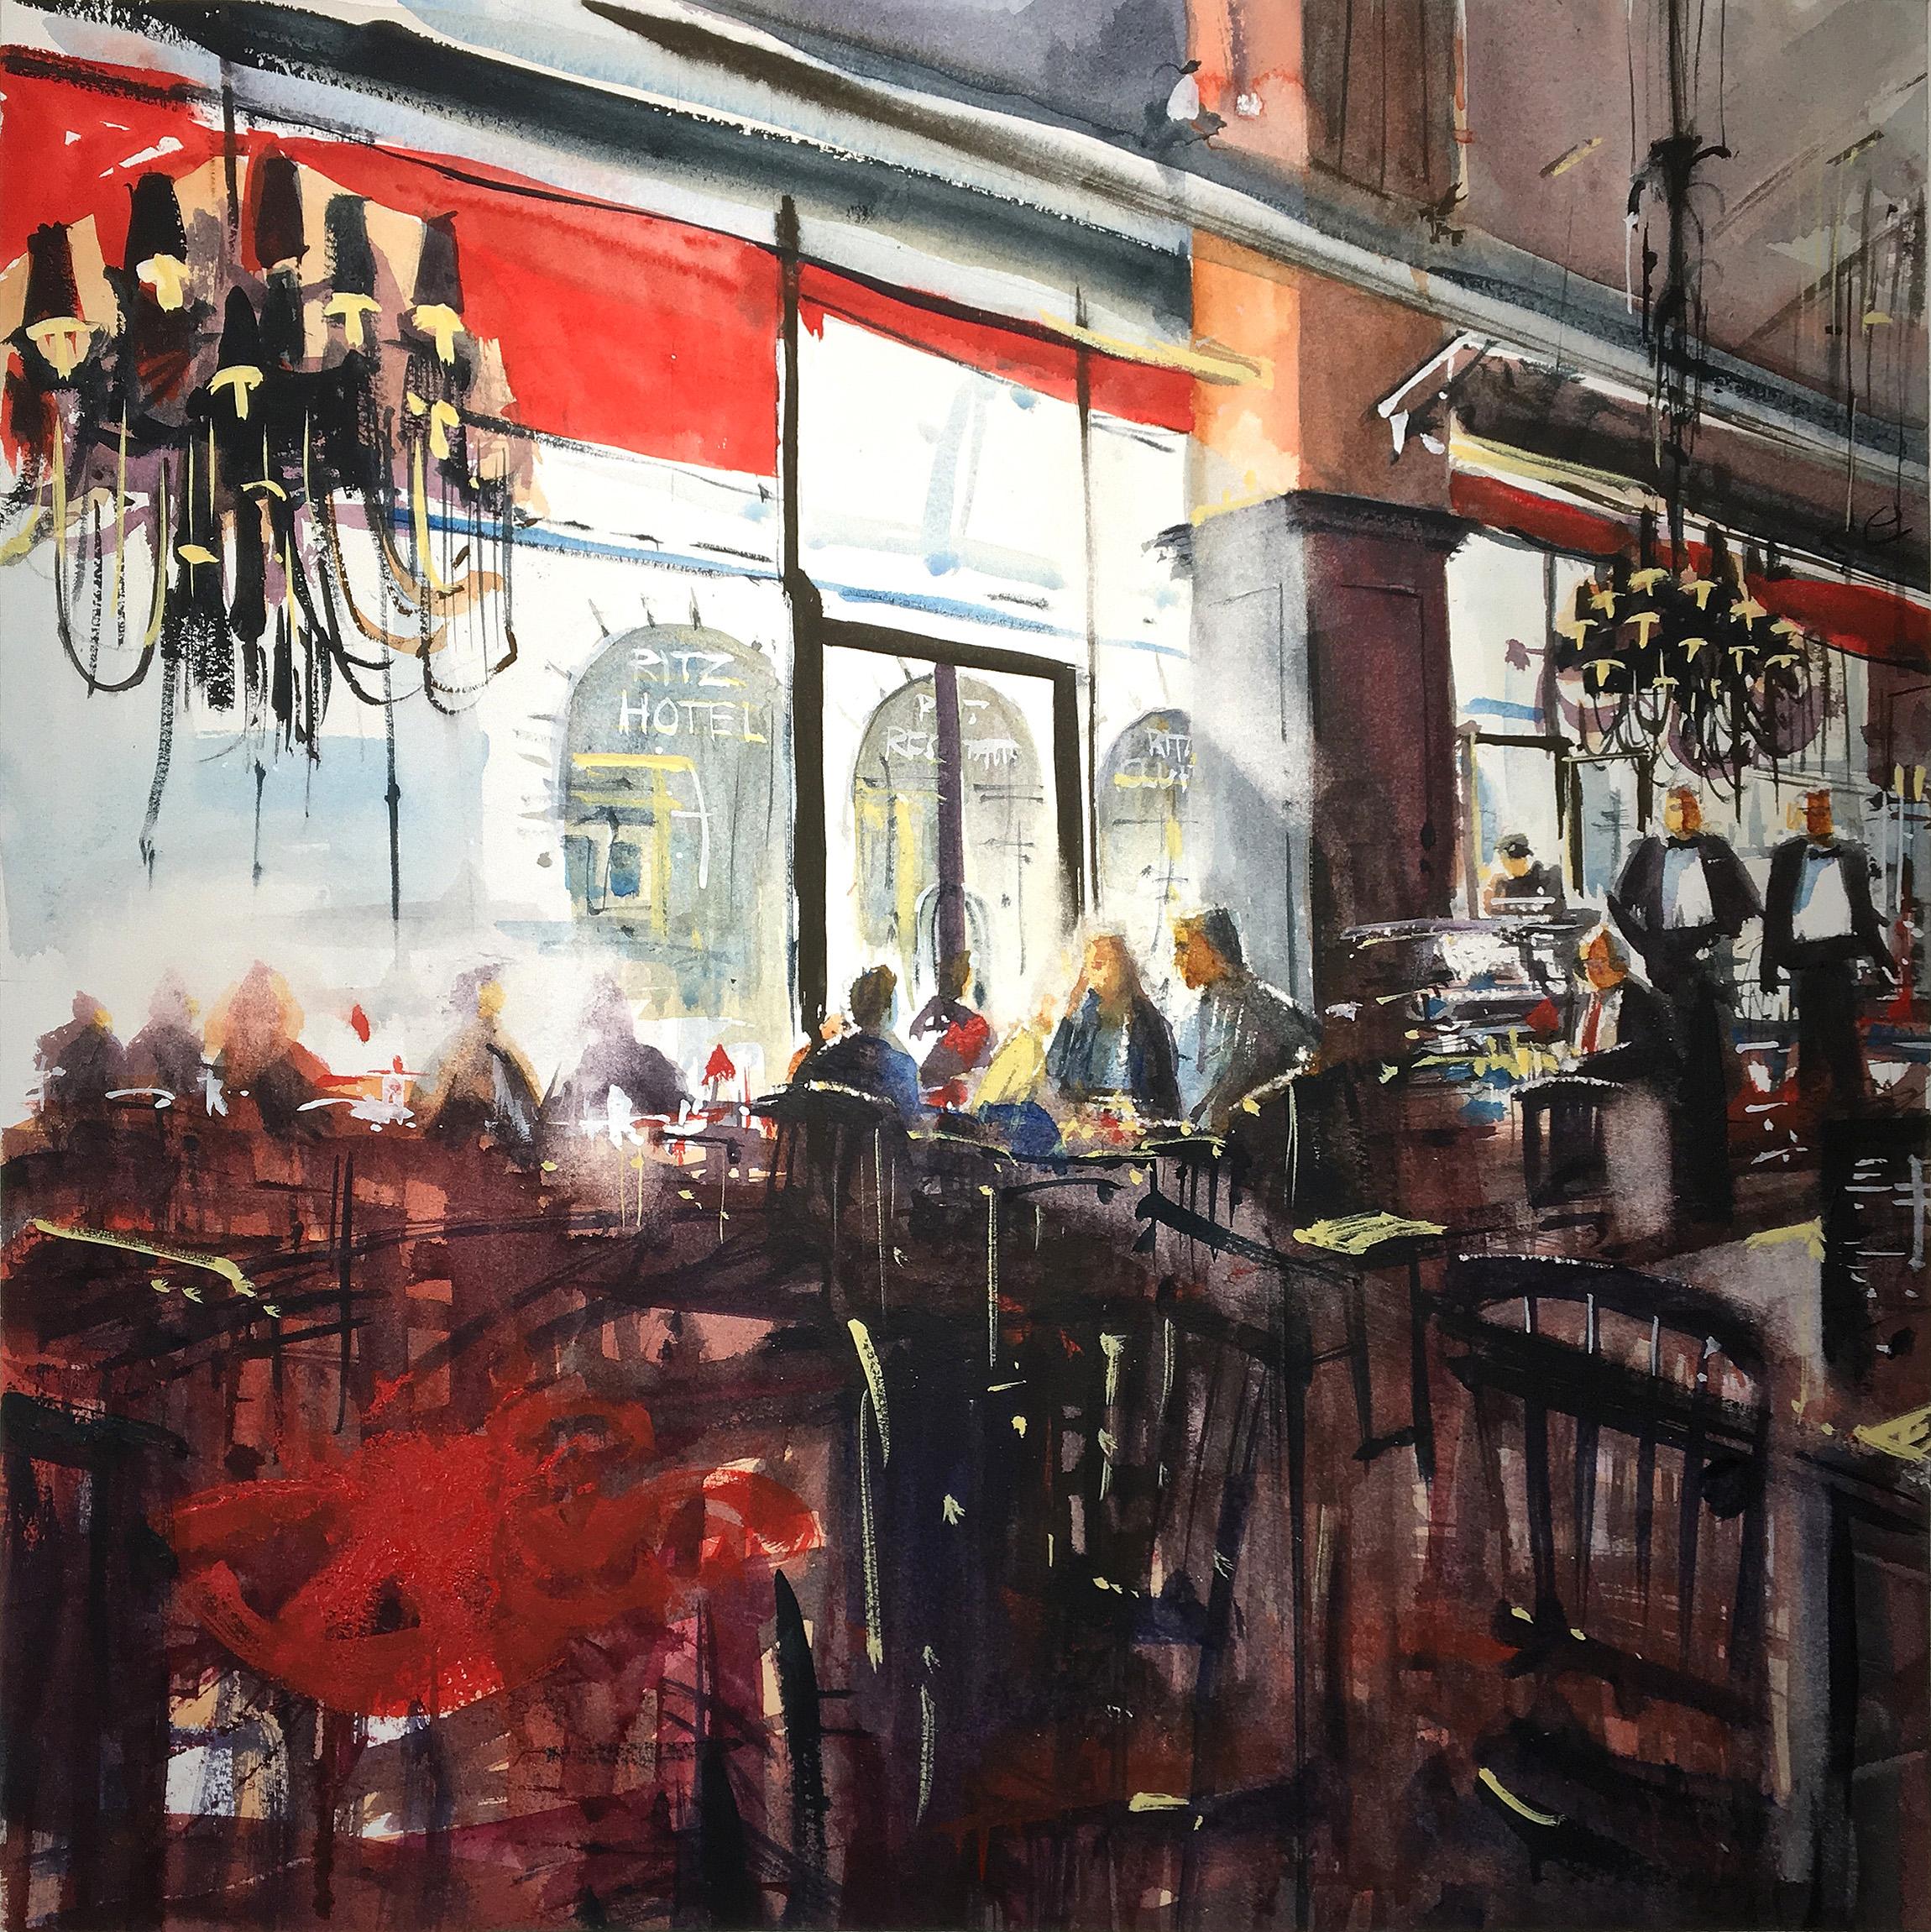 Mark Buck, Breakfast in Piccadilly, Watercolour on paper, 45 x 45 x 1,  http://www.markbuck.co.uk